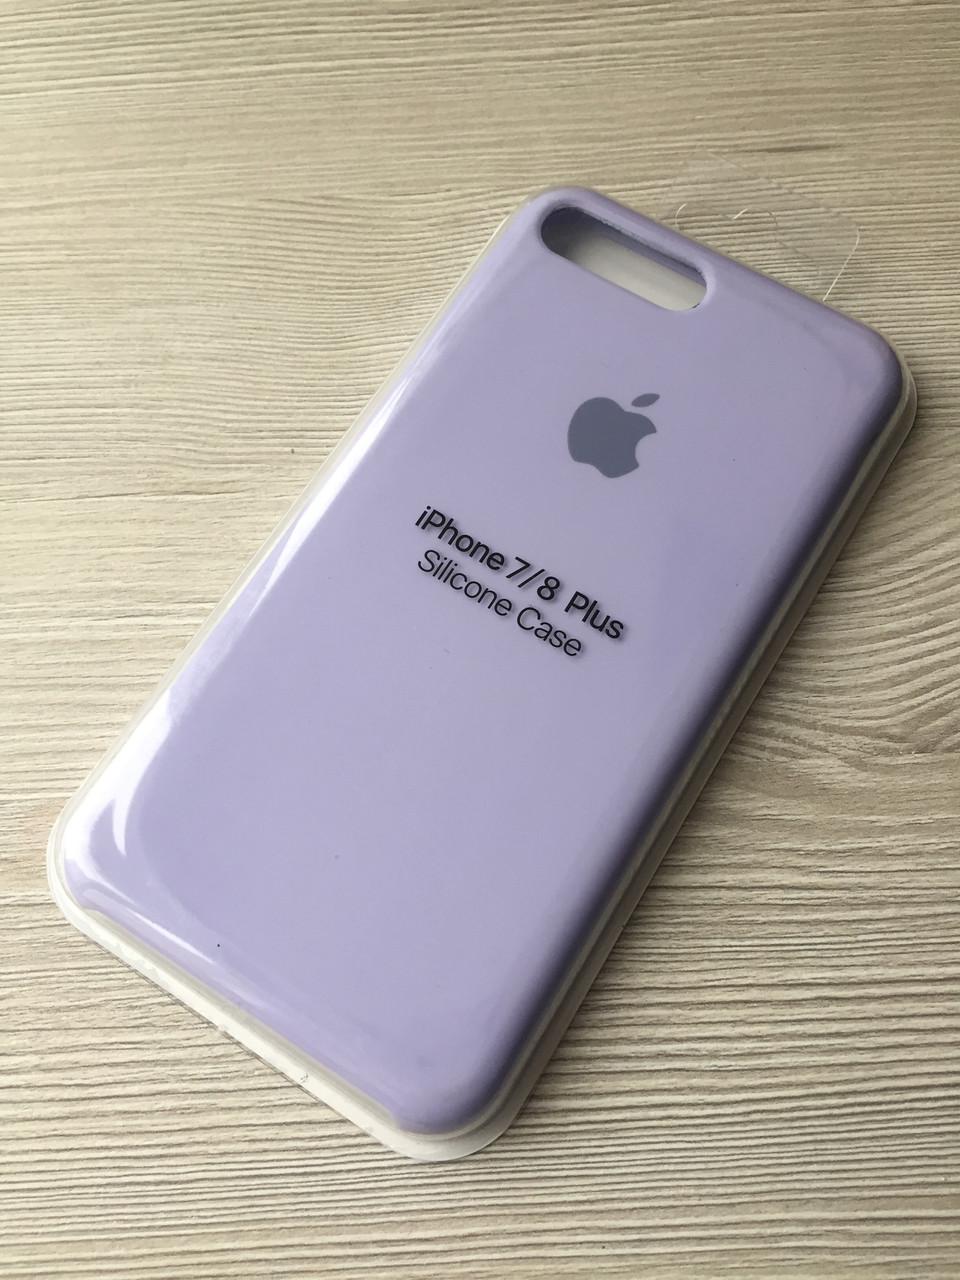 Cиреневый чехол для iphone 7+/8+ в упаковке микрофибра + soft-touch